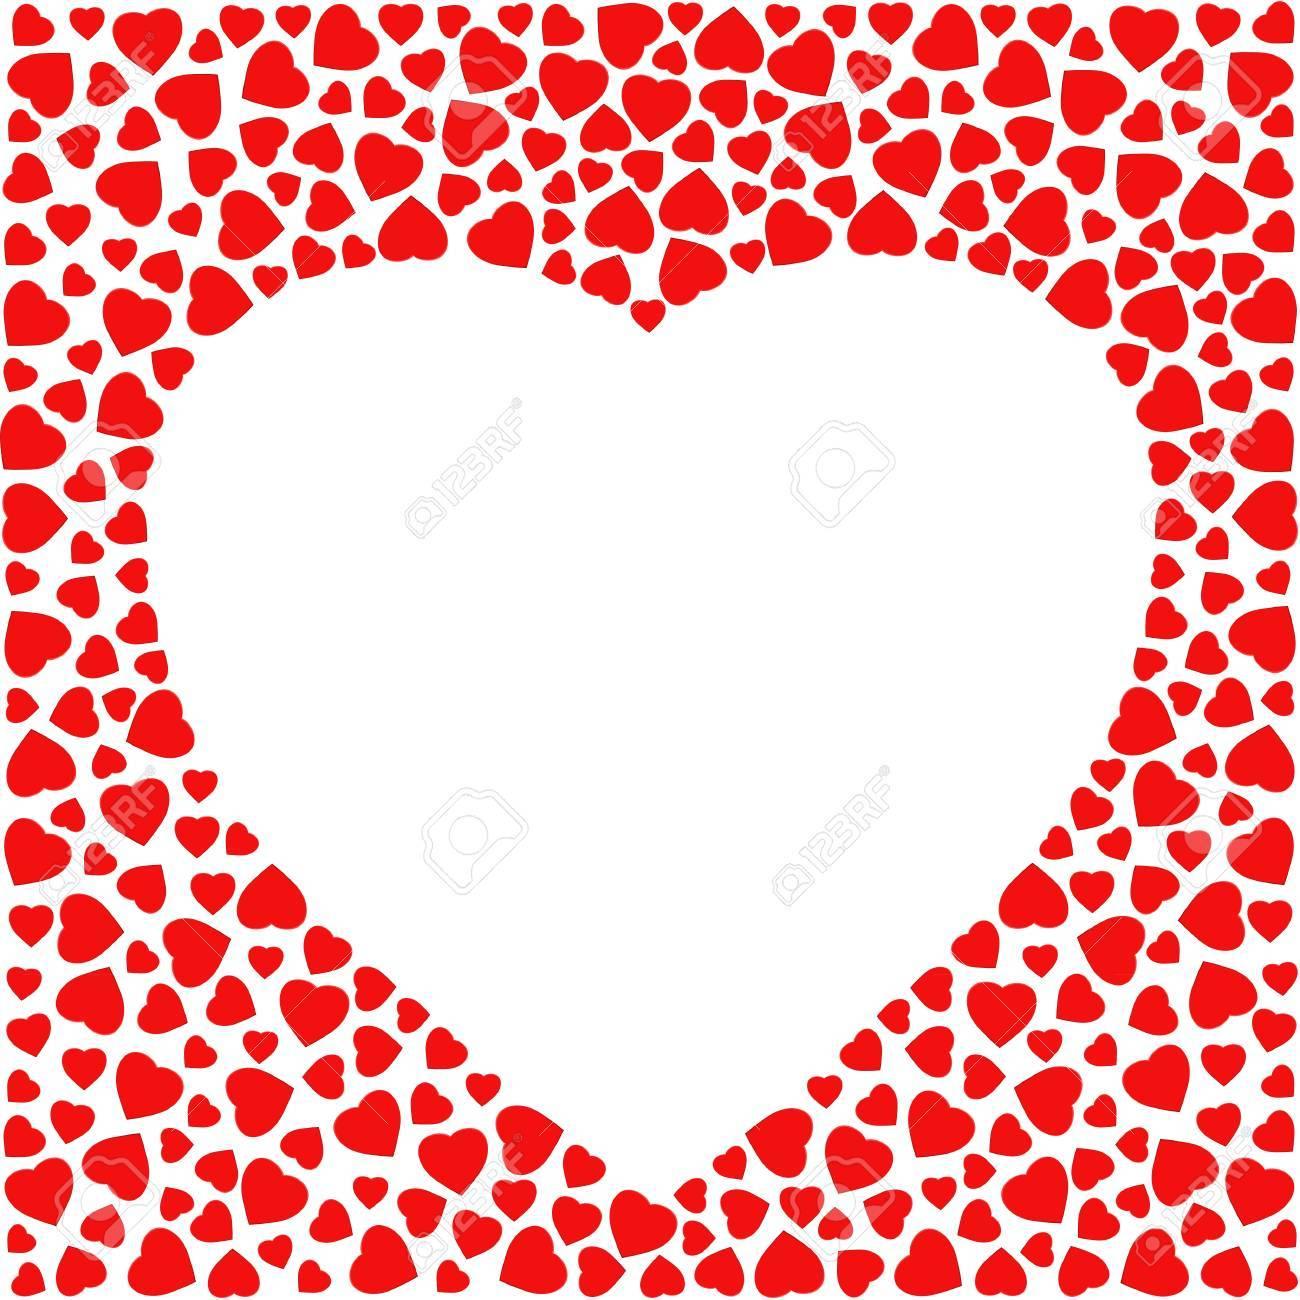 Image Avec Des Coeur border avec des coeurs rouges isolé sur fond blanc. modèle de